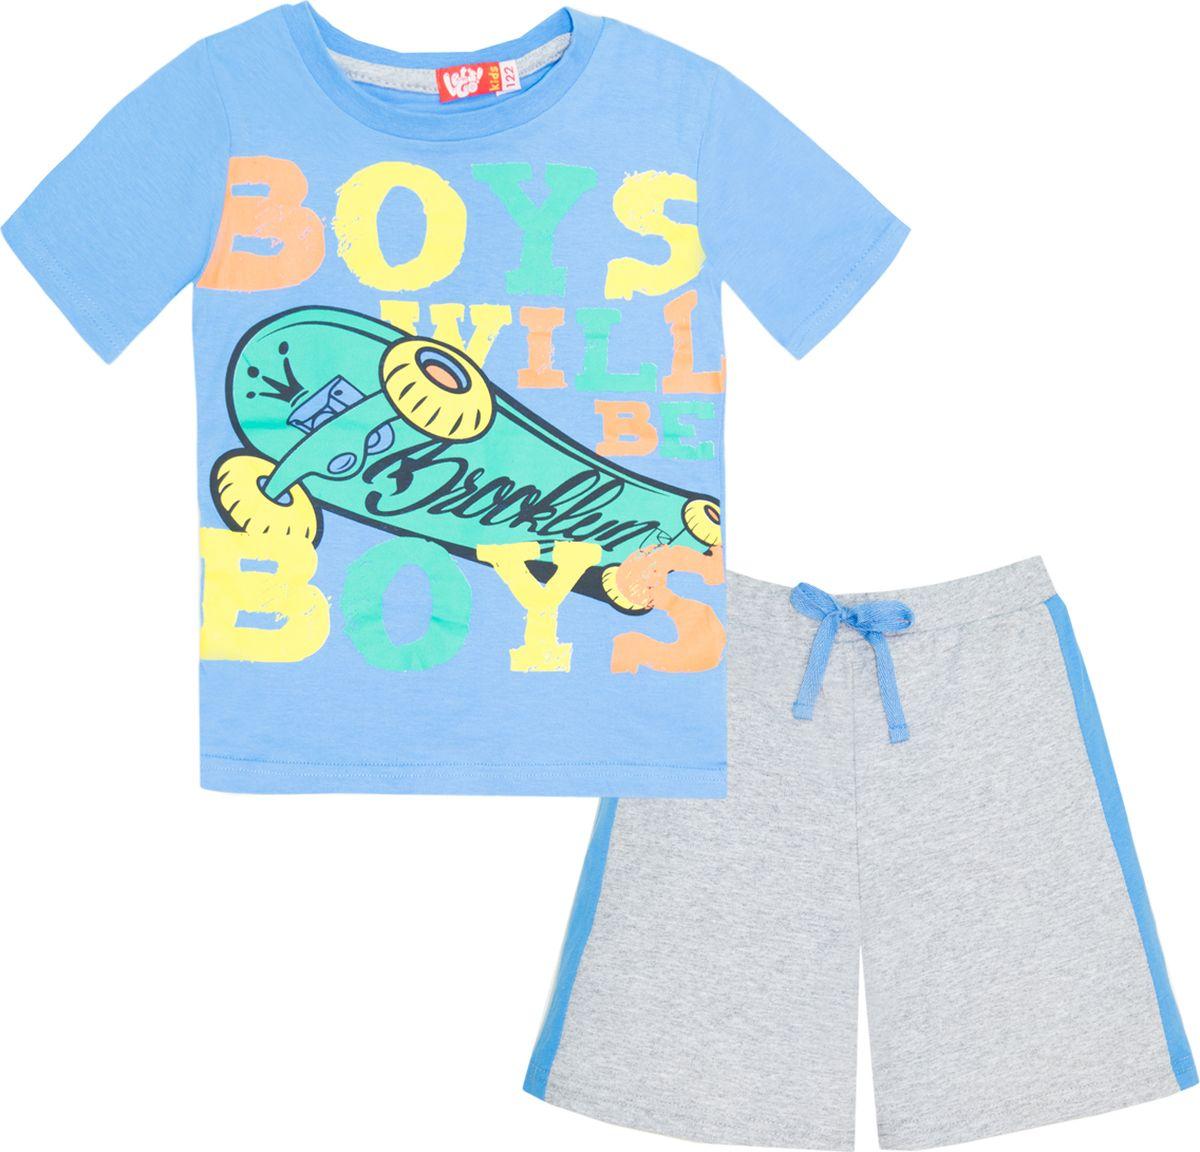 Комплект одежды для мальчика Let's Go: футболка, шорты, цвет: темно-голубой, серый. 4219. Размер 98 комплект одежды для мальчика let s go футболка шорты цвет горчичный оливковый 4231 размер 98